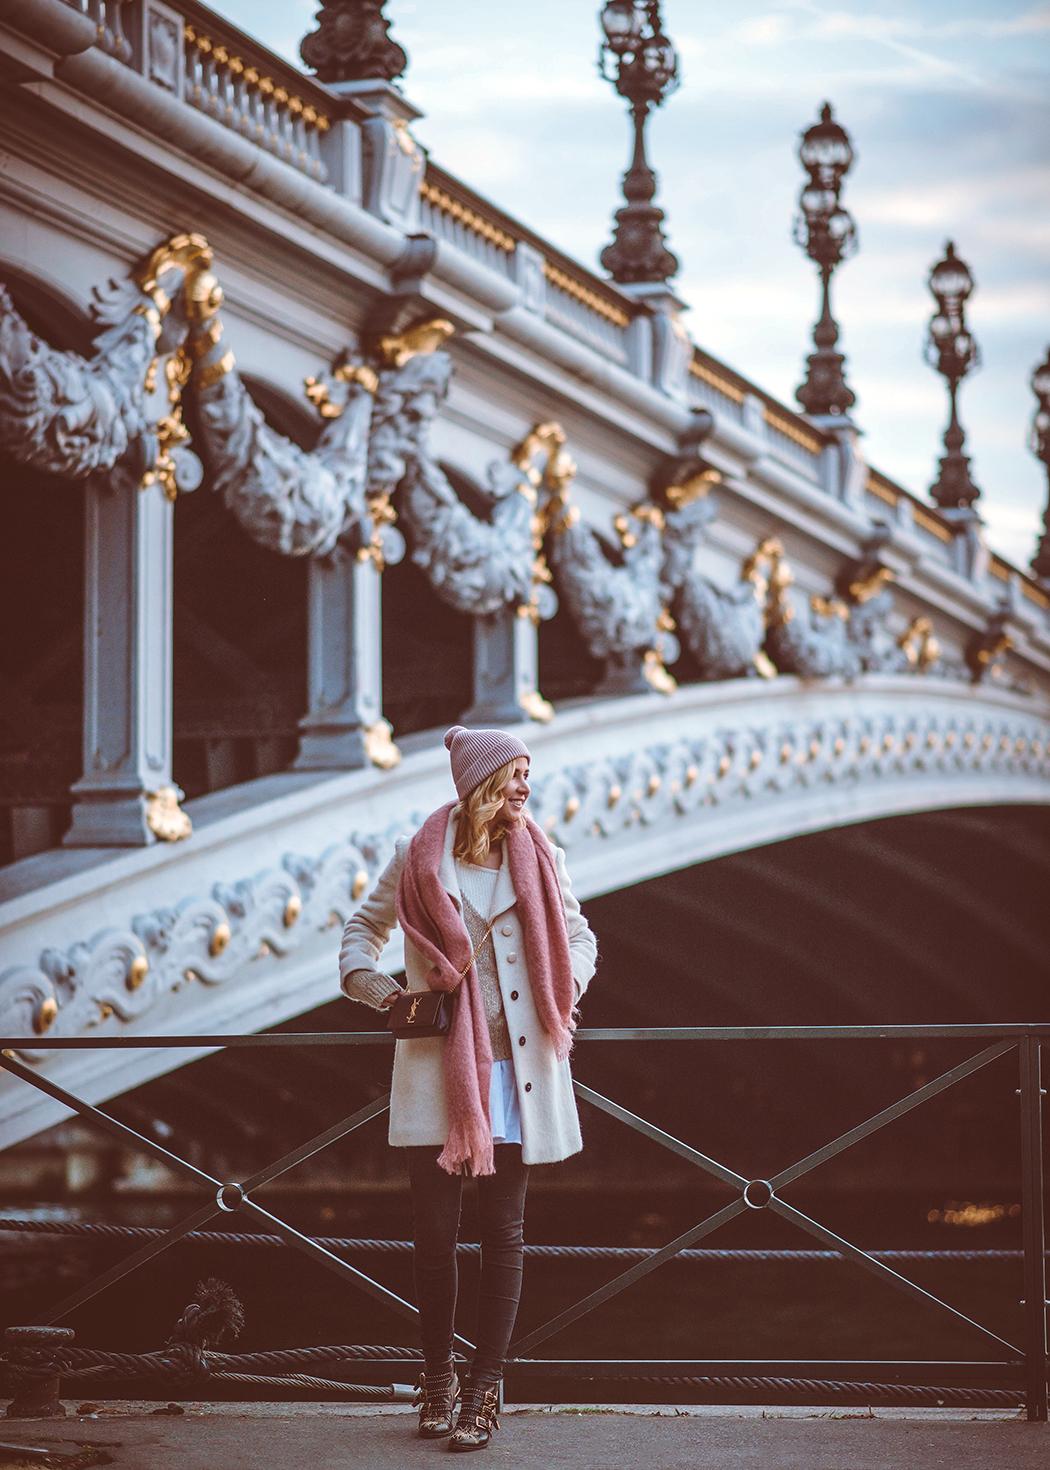 fashionblog-fashionblogger-fashion-blog-blogger-paris-muenchen-lindarella-weisser-mantel-1-web